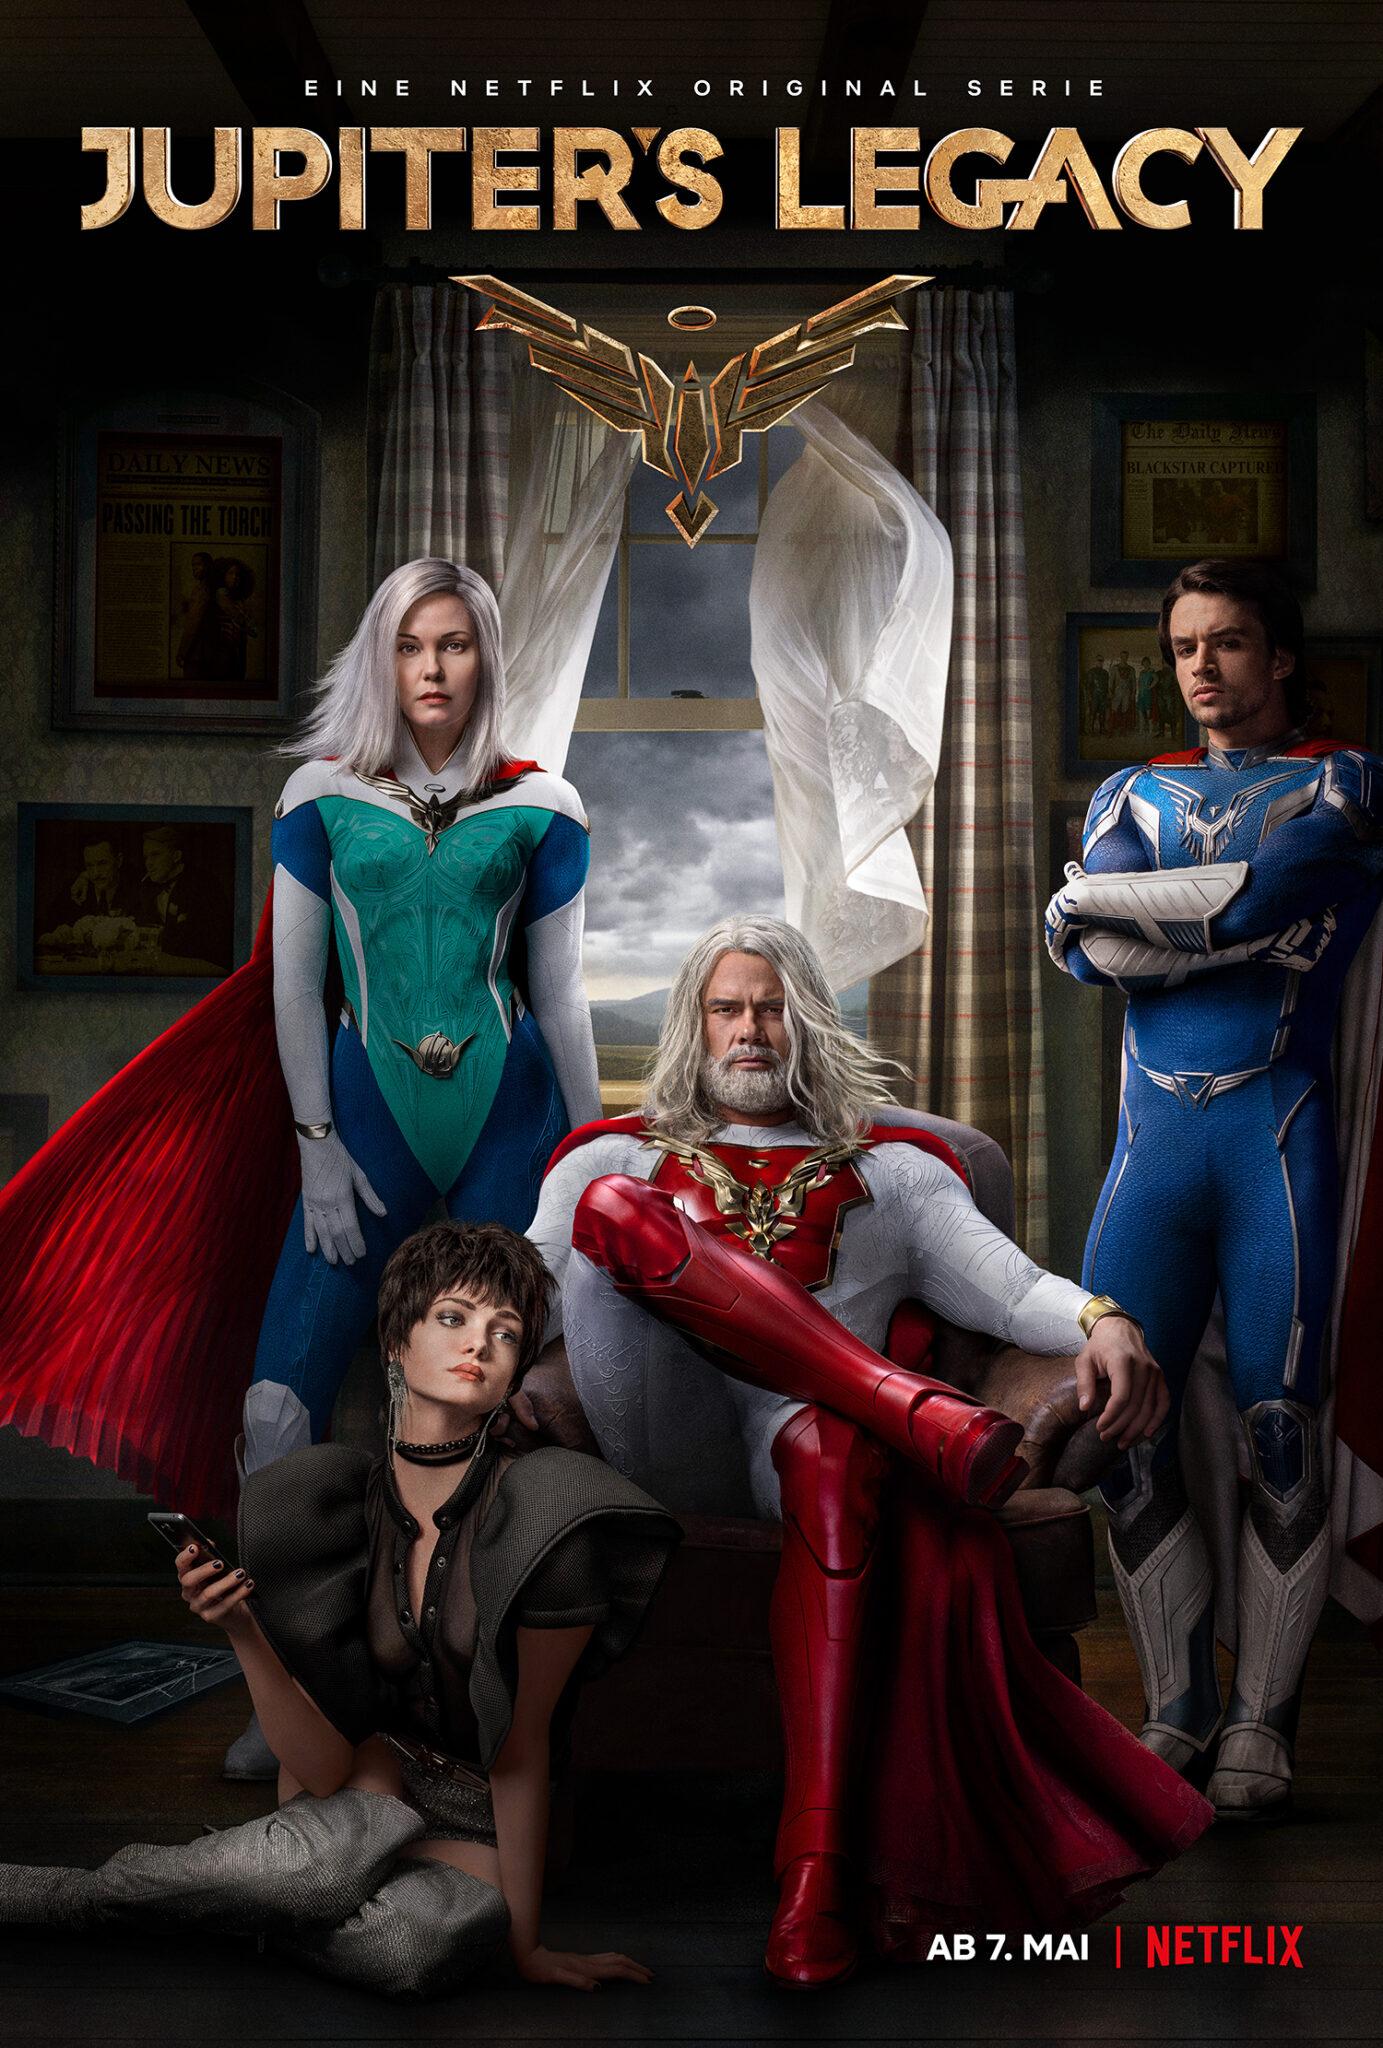 Das Poster zeigt die vier Familienmitglieder der Sampsons in ihren Heldenoutfits vor einem geöffneten Fenster. In der hinteren Reihe Grace und Brandon, im Mittelpunkt Sheldon und vorne links Chloe.